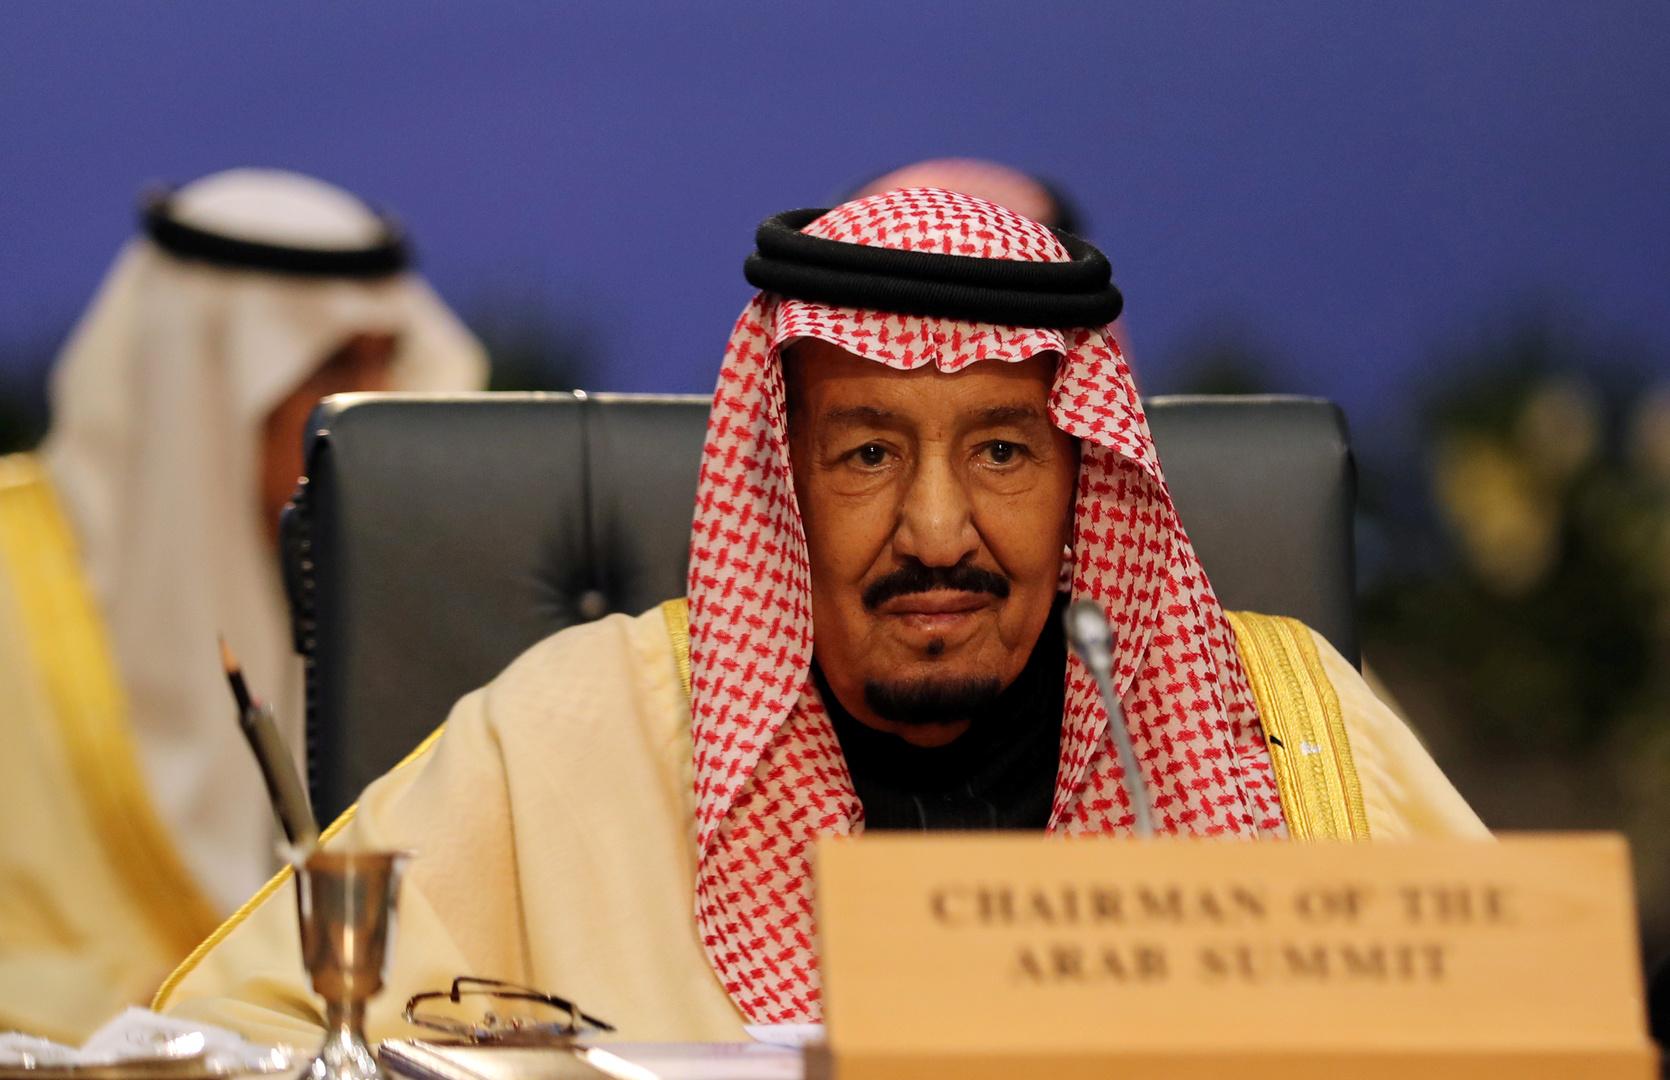 الخارجية السعودية تعلن تأجيل زيارة الكاظمي إلى الرياض